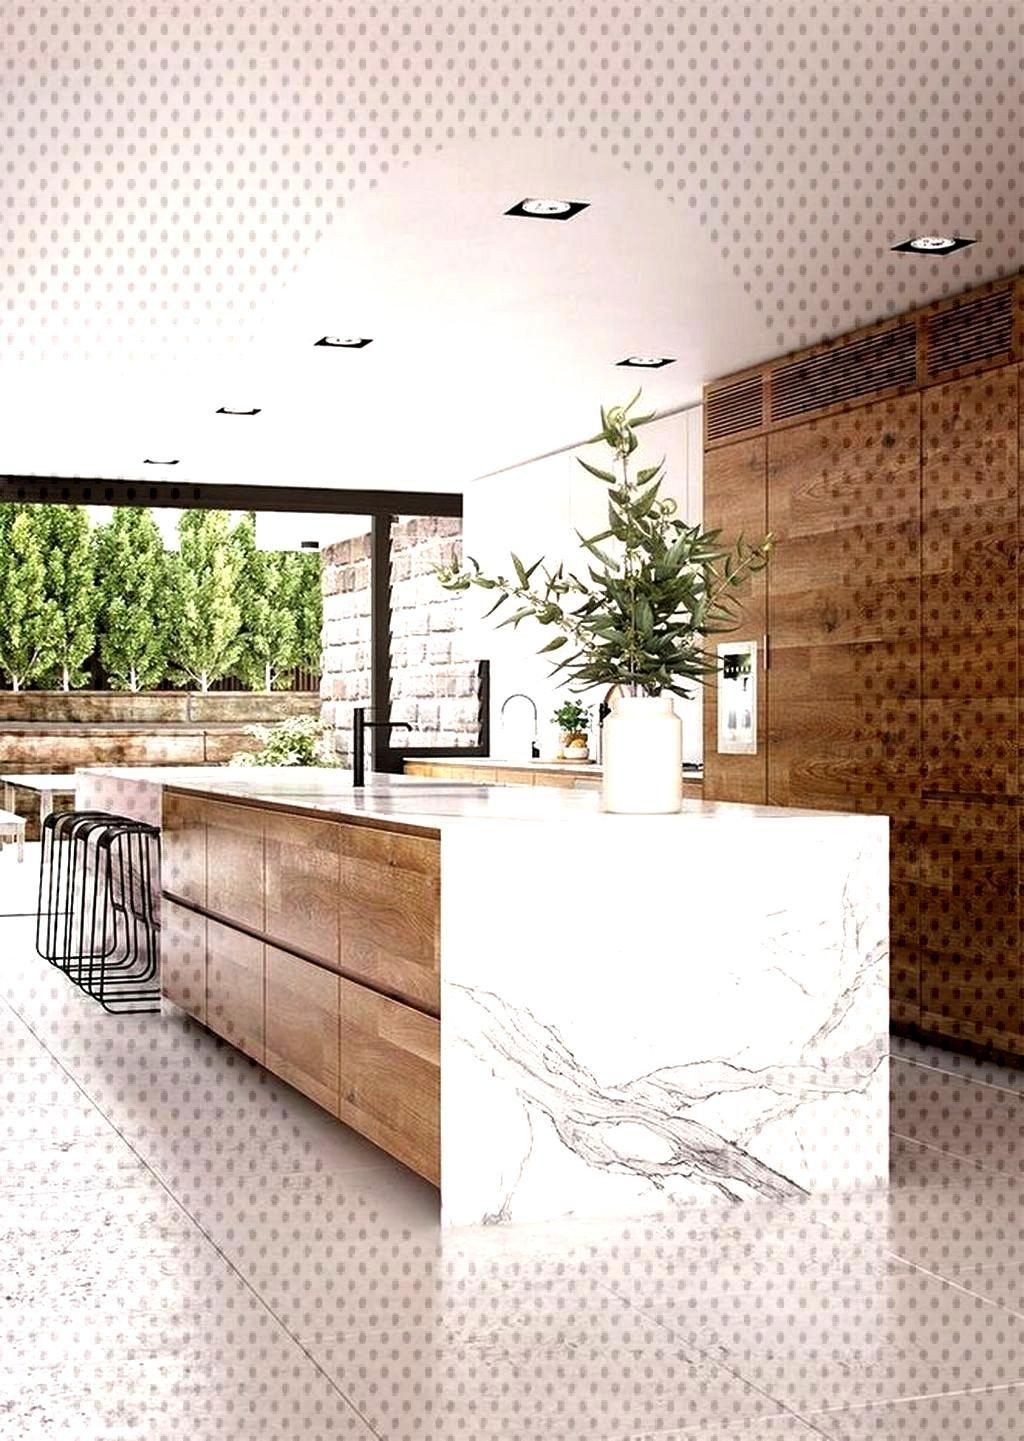 44 Amazing Modern Kitchen Design Ideas You Will Love 44 Amazing Modern Kitchen Design Ideas You Wil